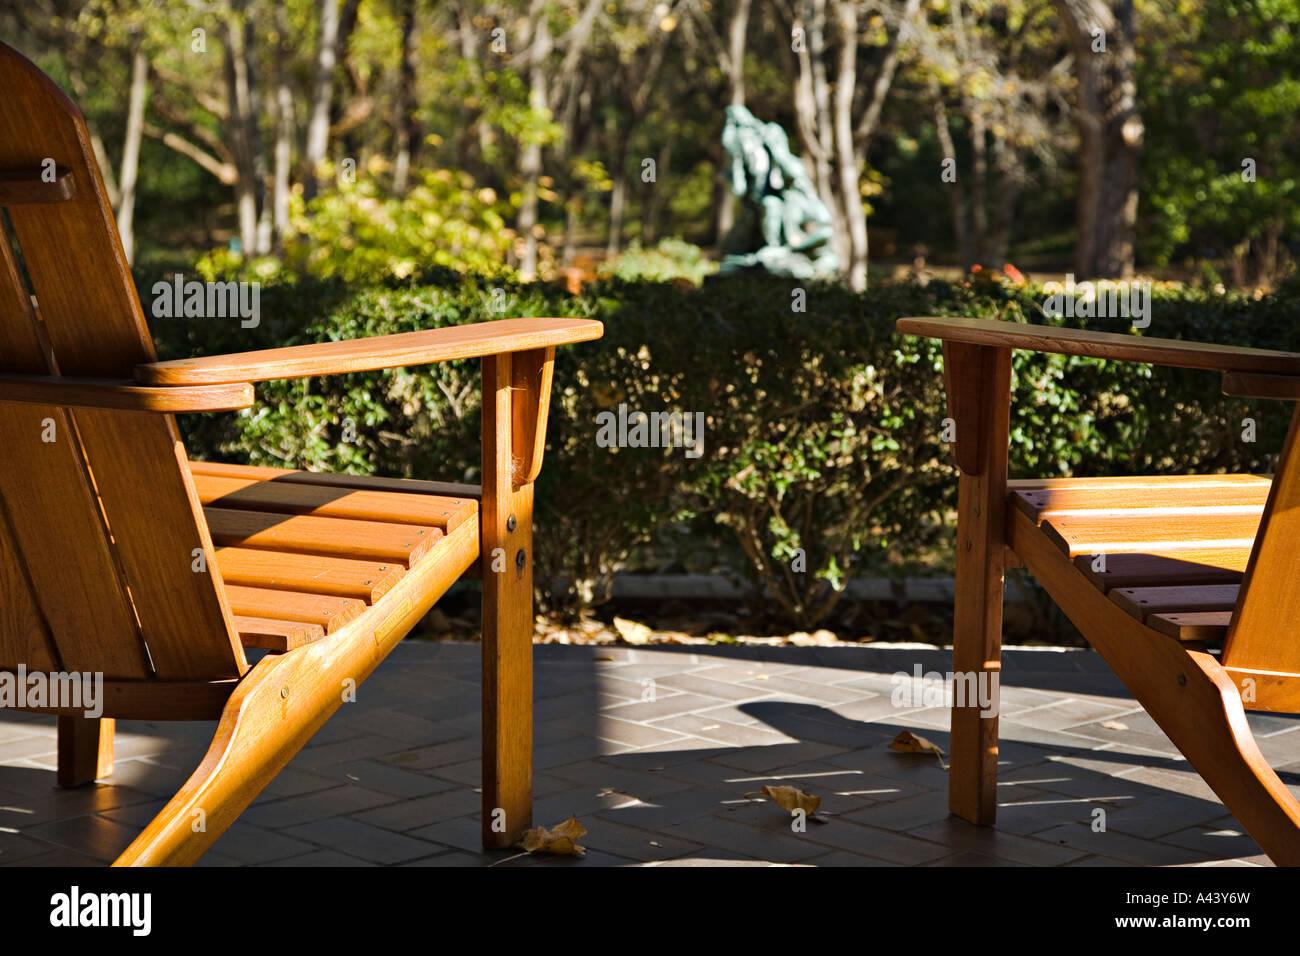 Superb TEXAS Austin Wooden Adirondack Chairs On Patio Overlook Umlauf Sculpture  Garden